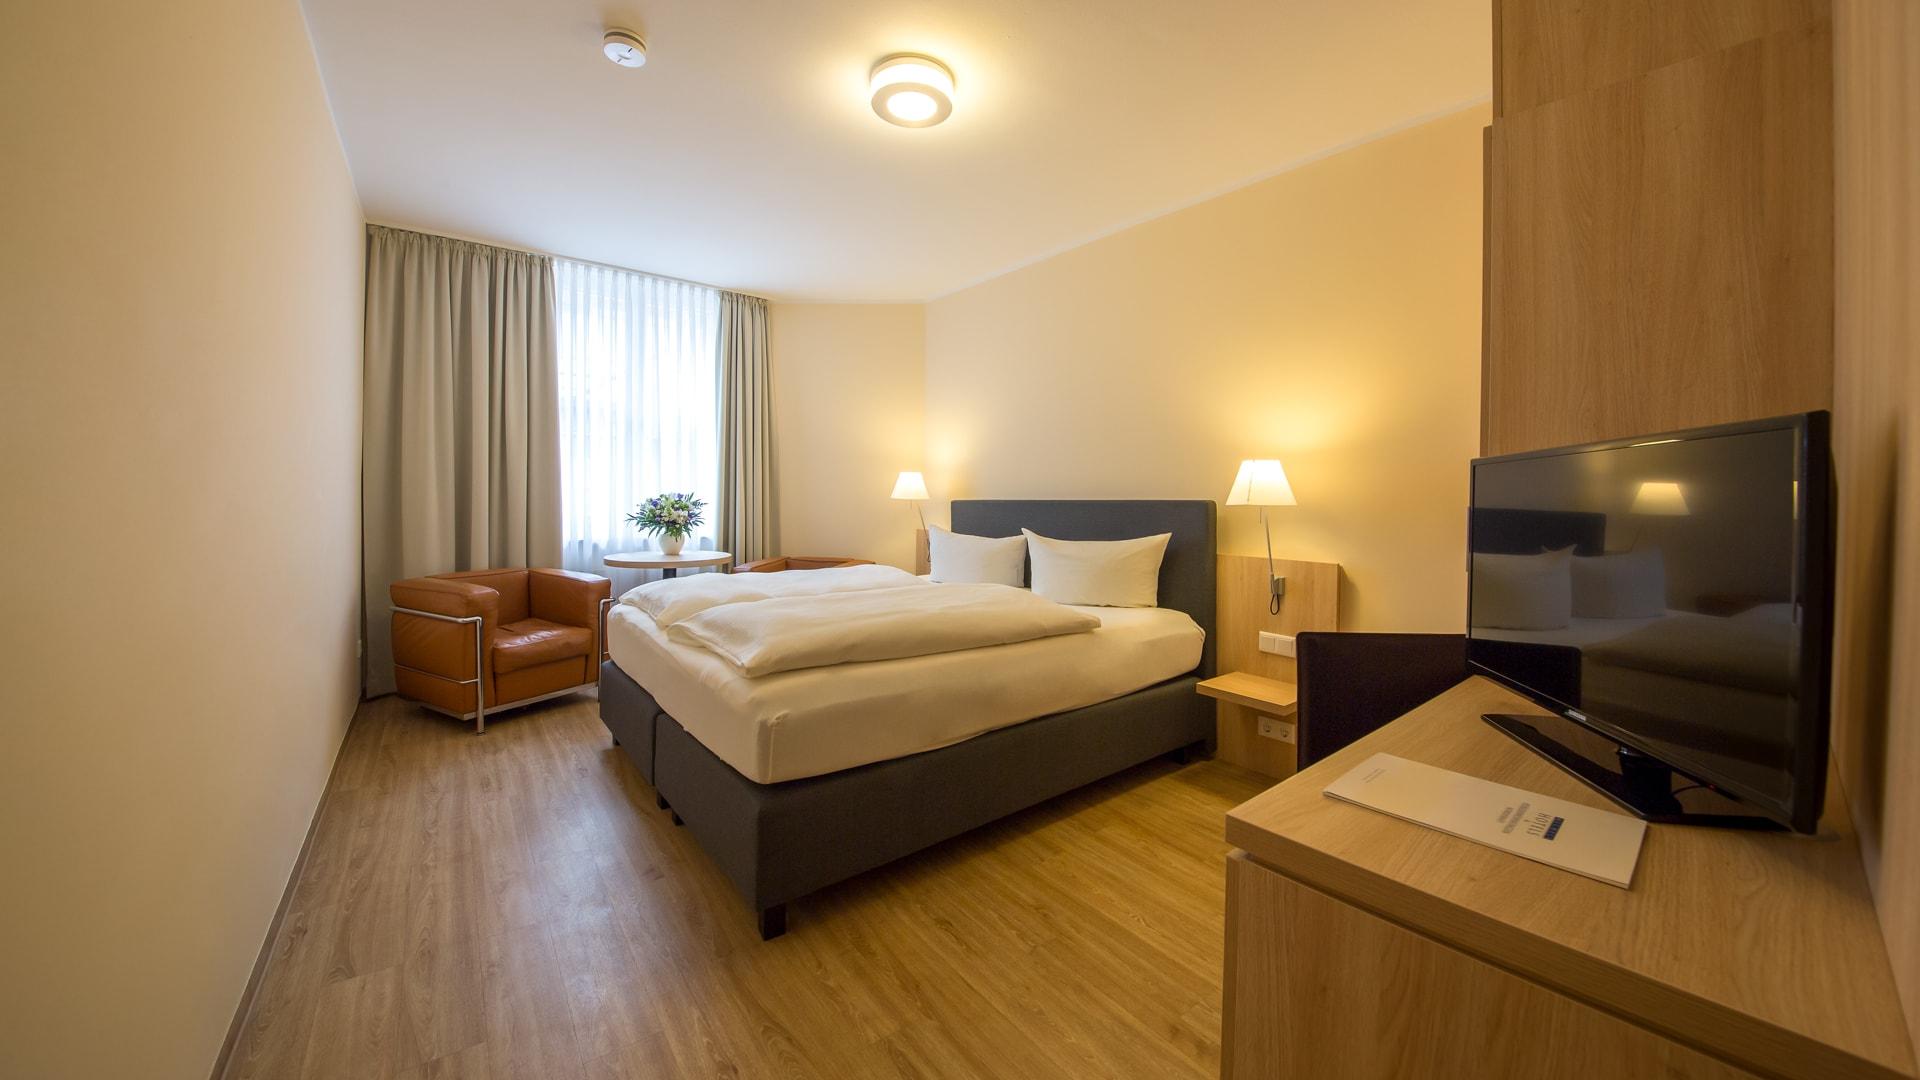 32 Michels_Hotels_Inselhotel_Vier_Jahreszeiten_Familienzimmer